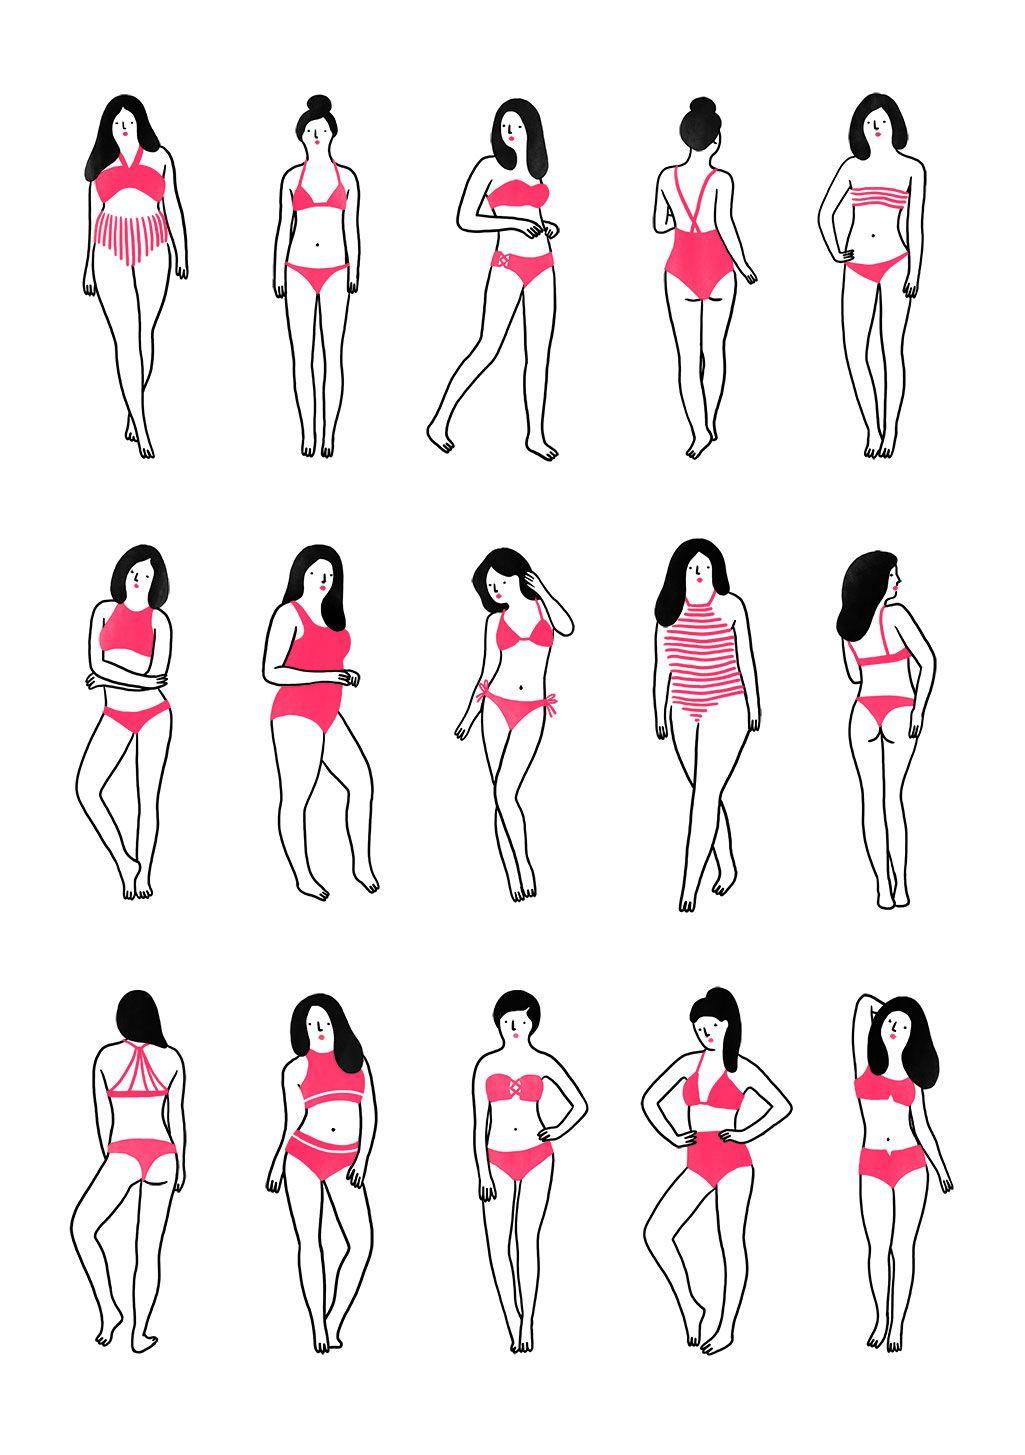 Ce que font les femmes gicler